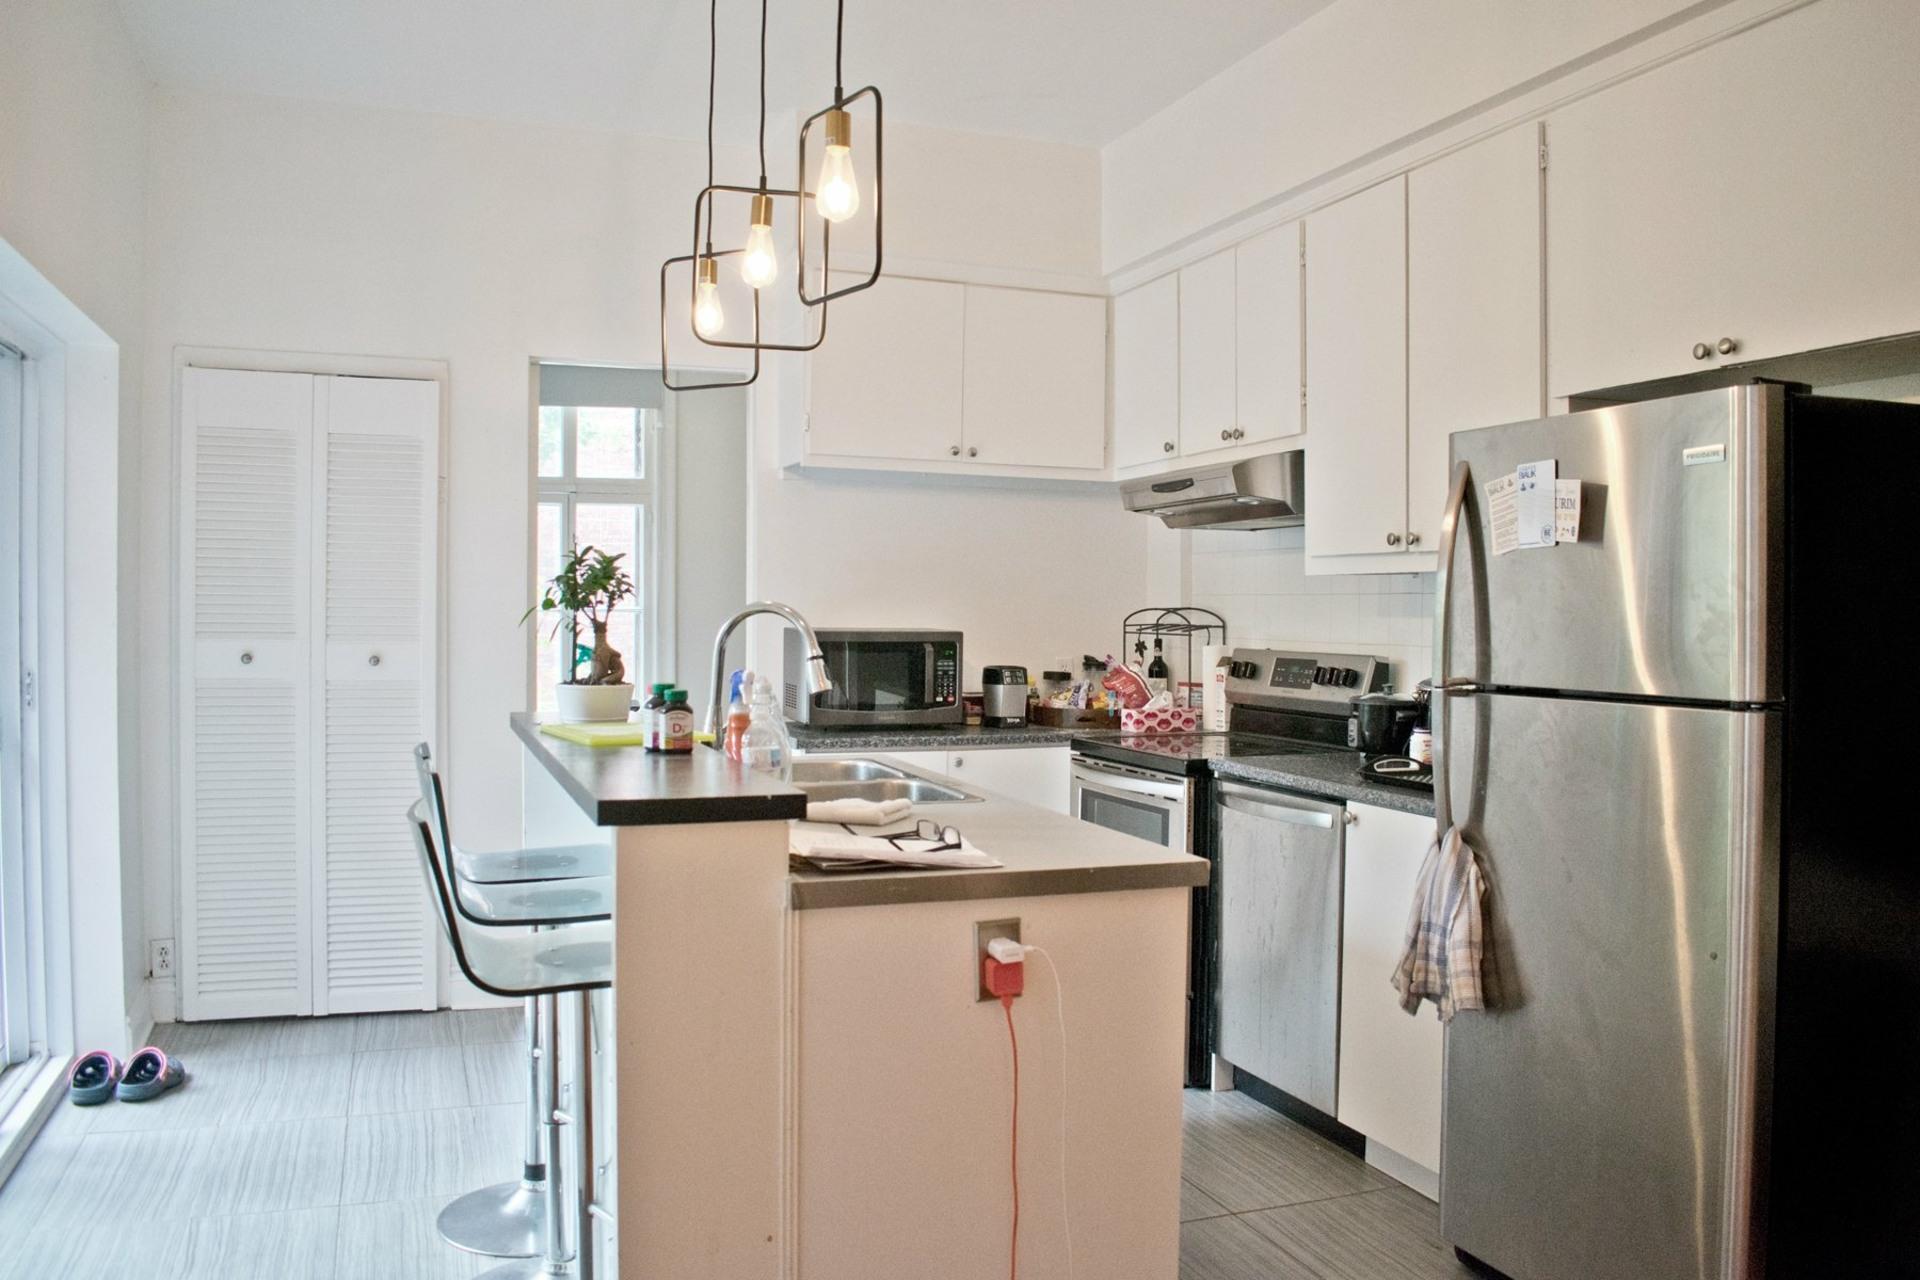 image 5 - Appartement À louer Côte-des-Neiges/Notre-Dame-de-Grâce Montréal  - 11 pièces